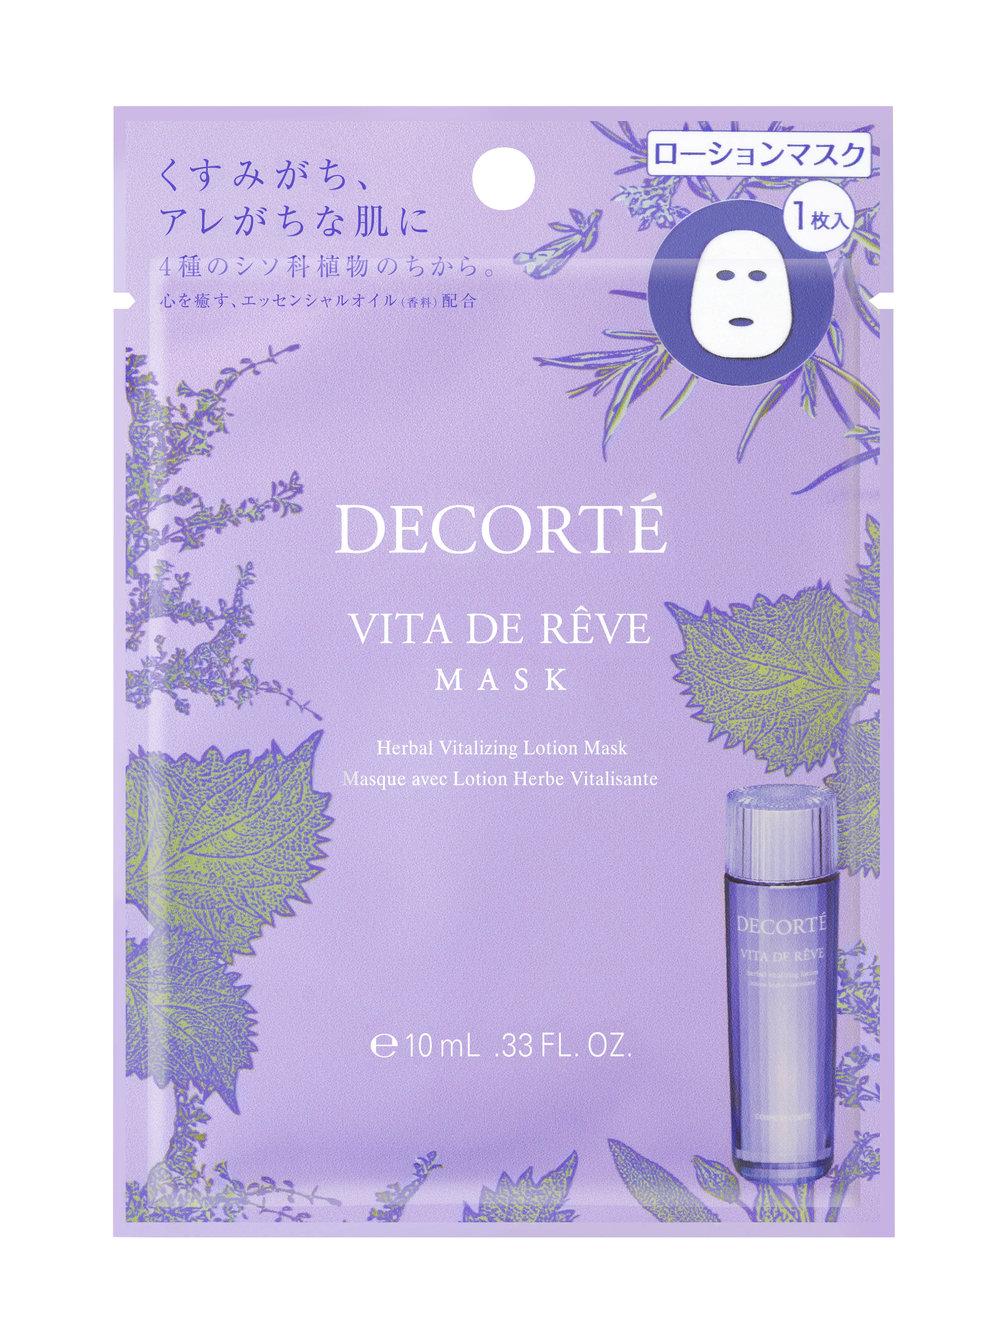 Vita de Reve Mask Pack.jpg